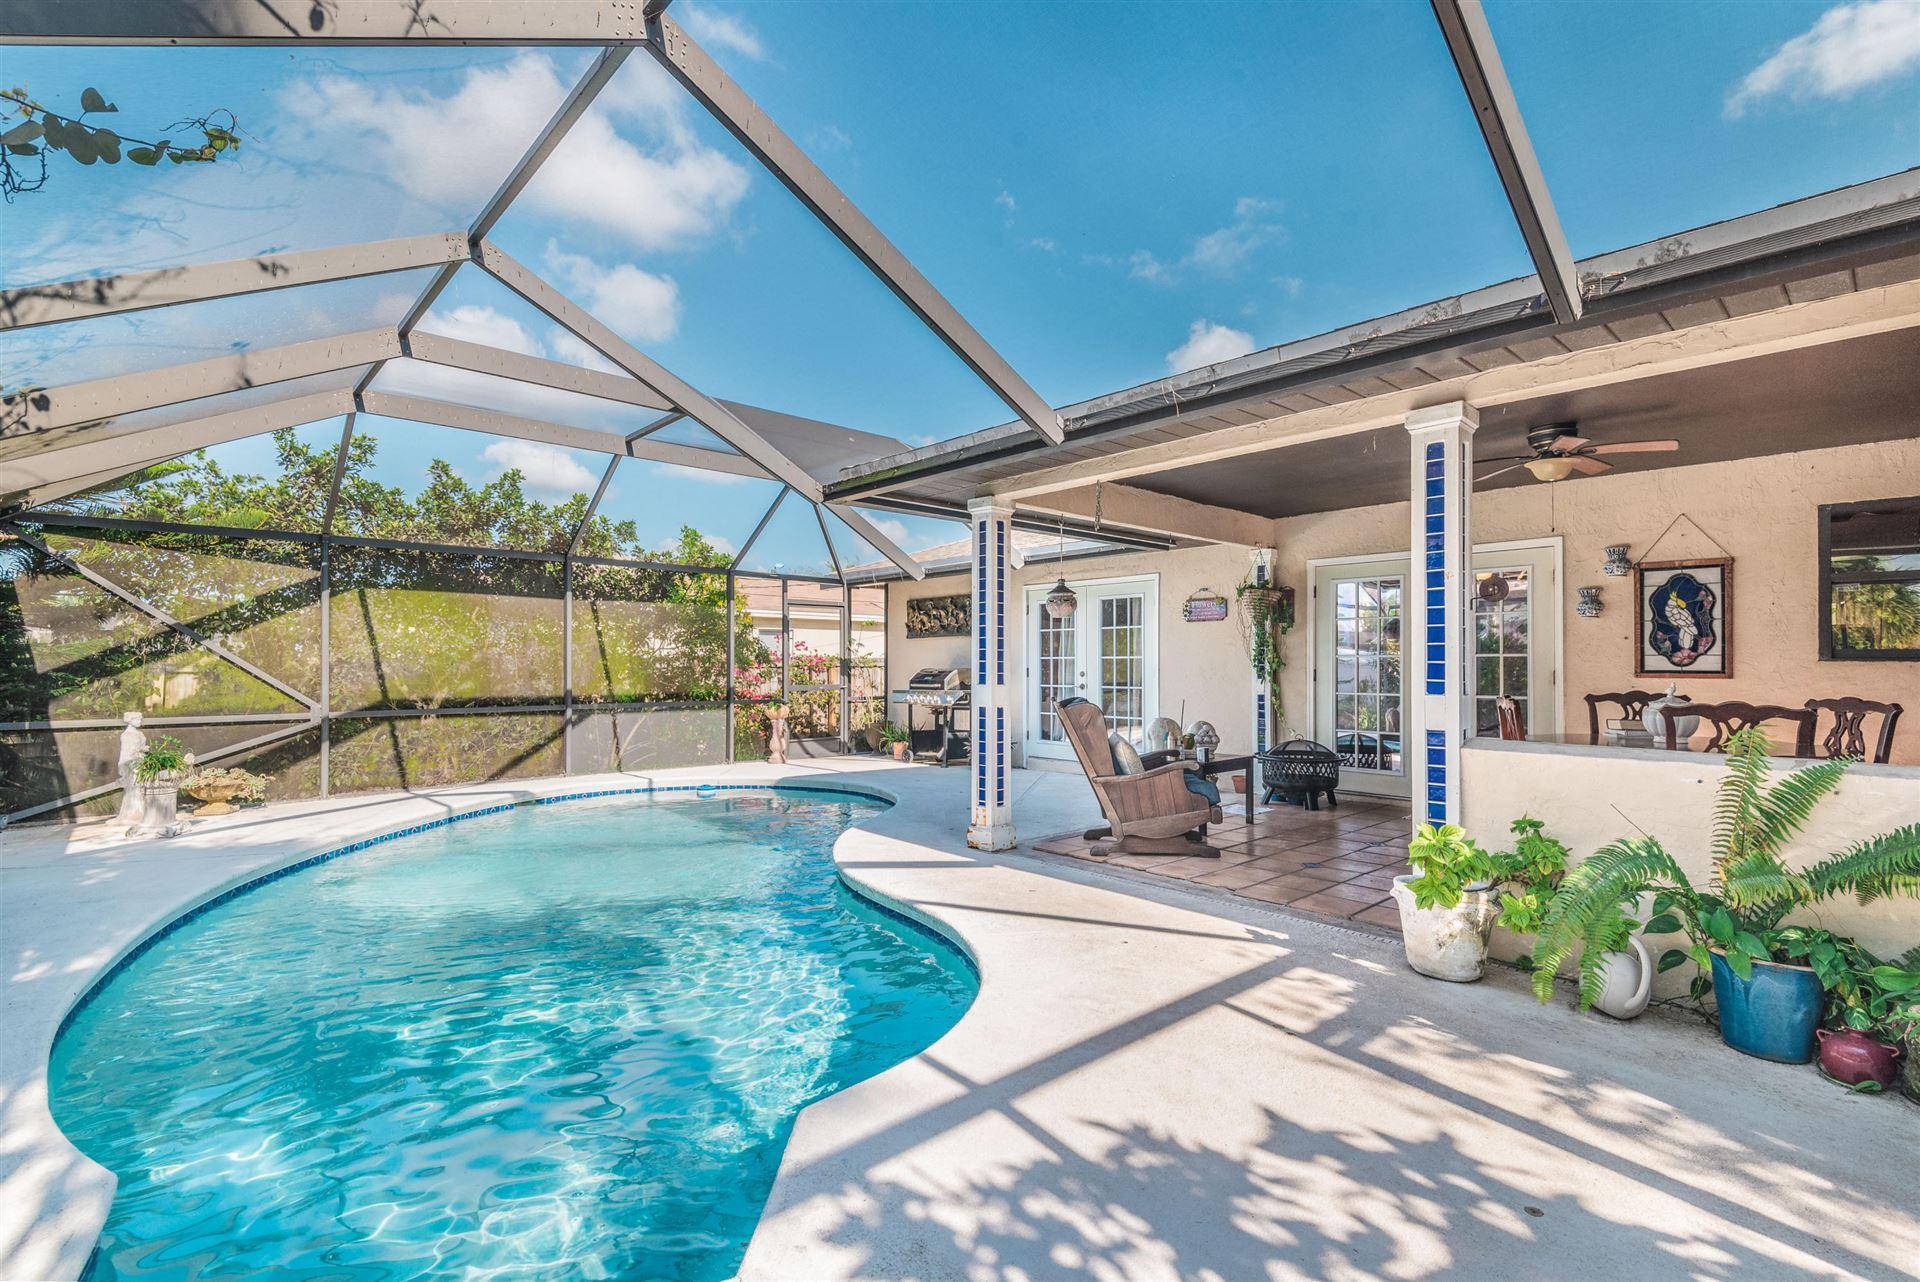 571 SE Volkerts Terrace, Port Saint Lucie, FL 34983 - #: RX-10639502